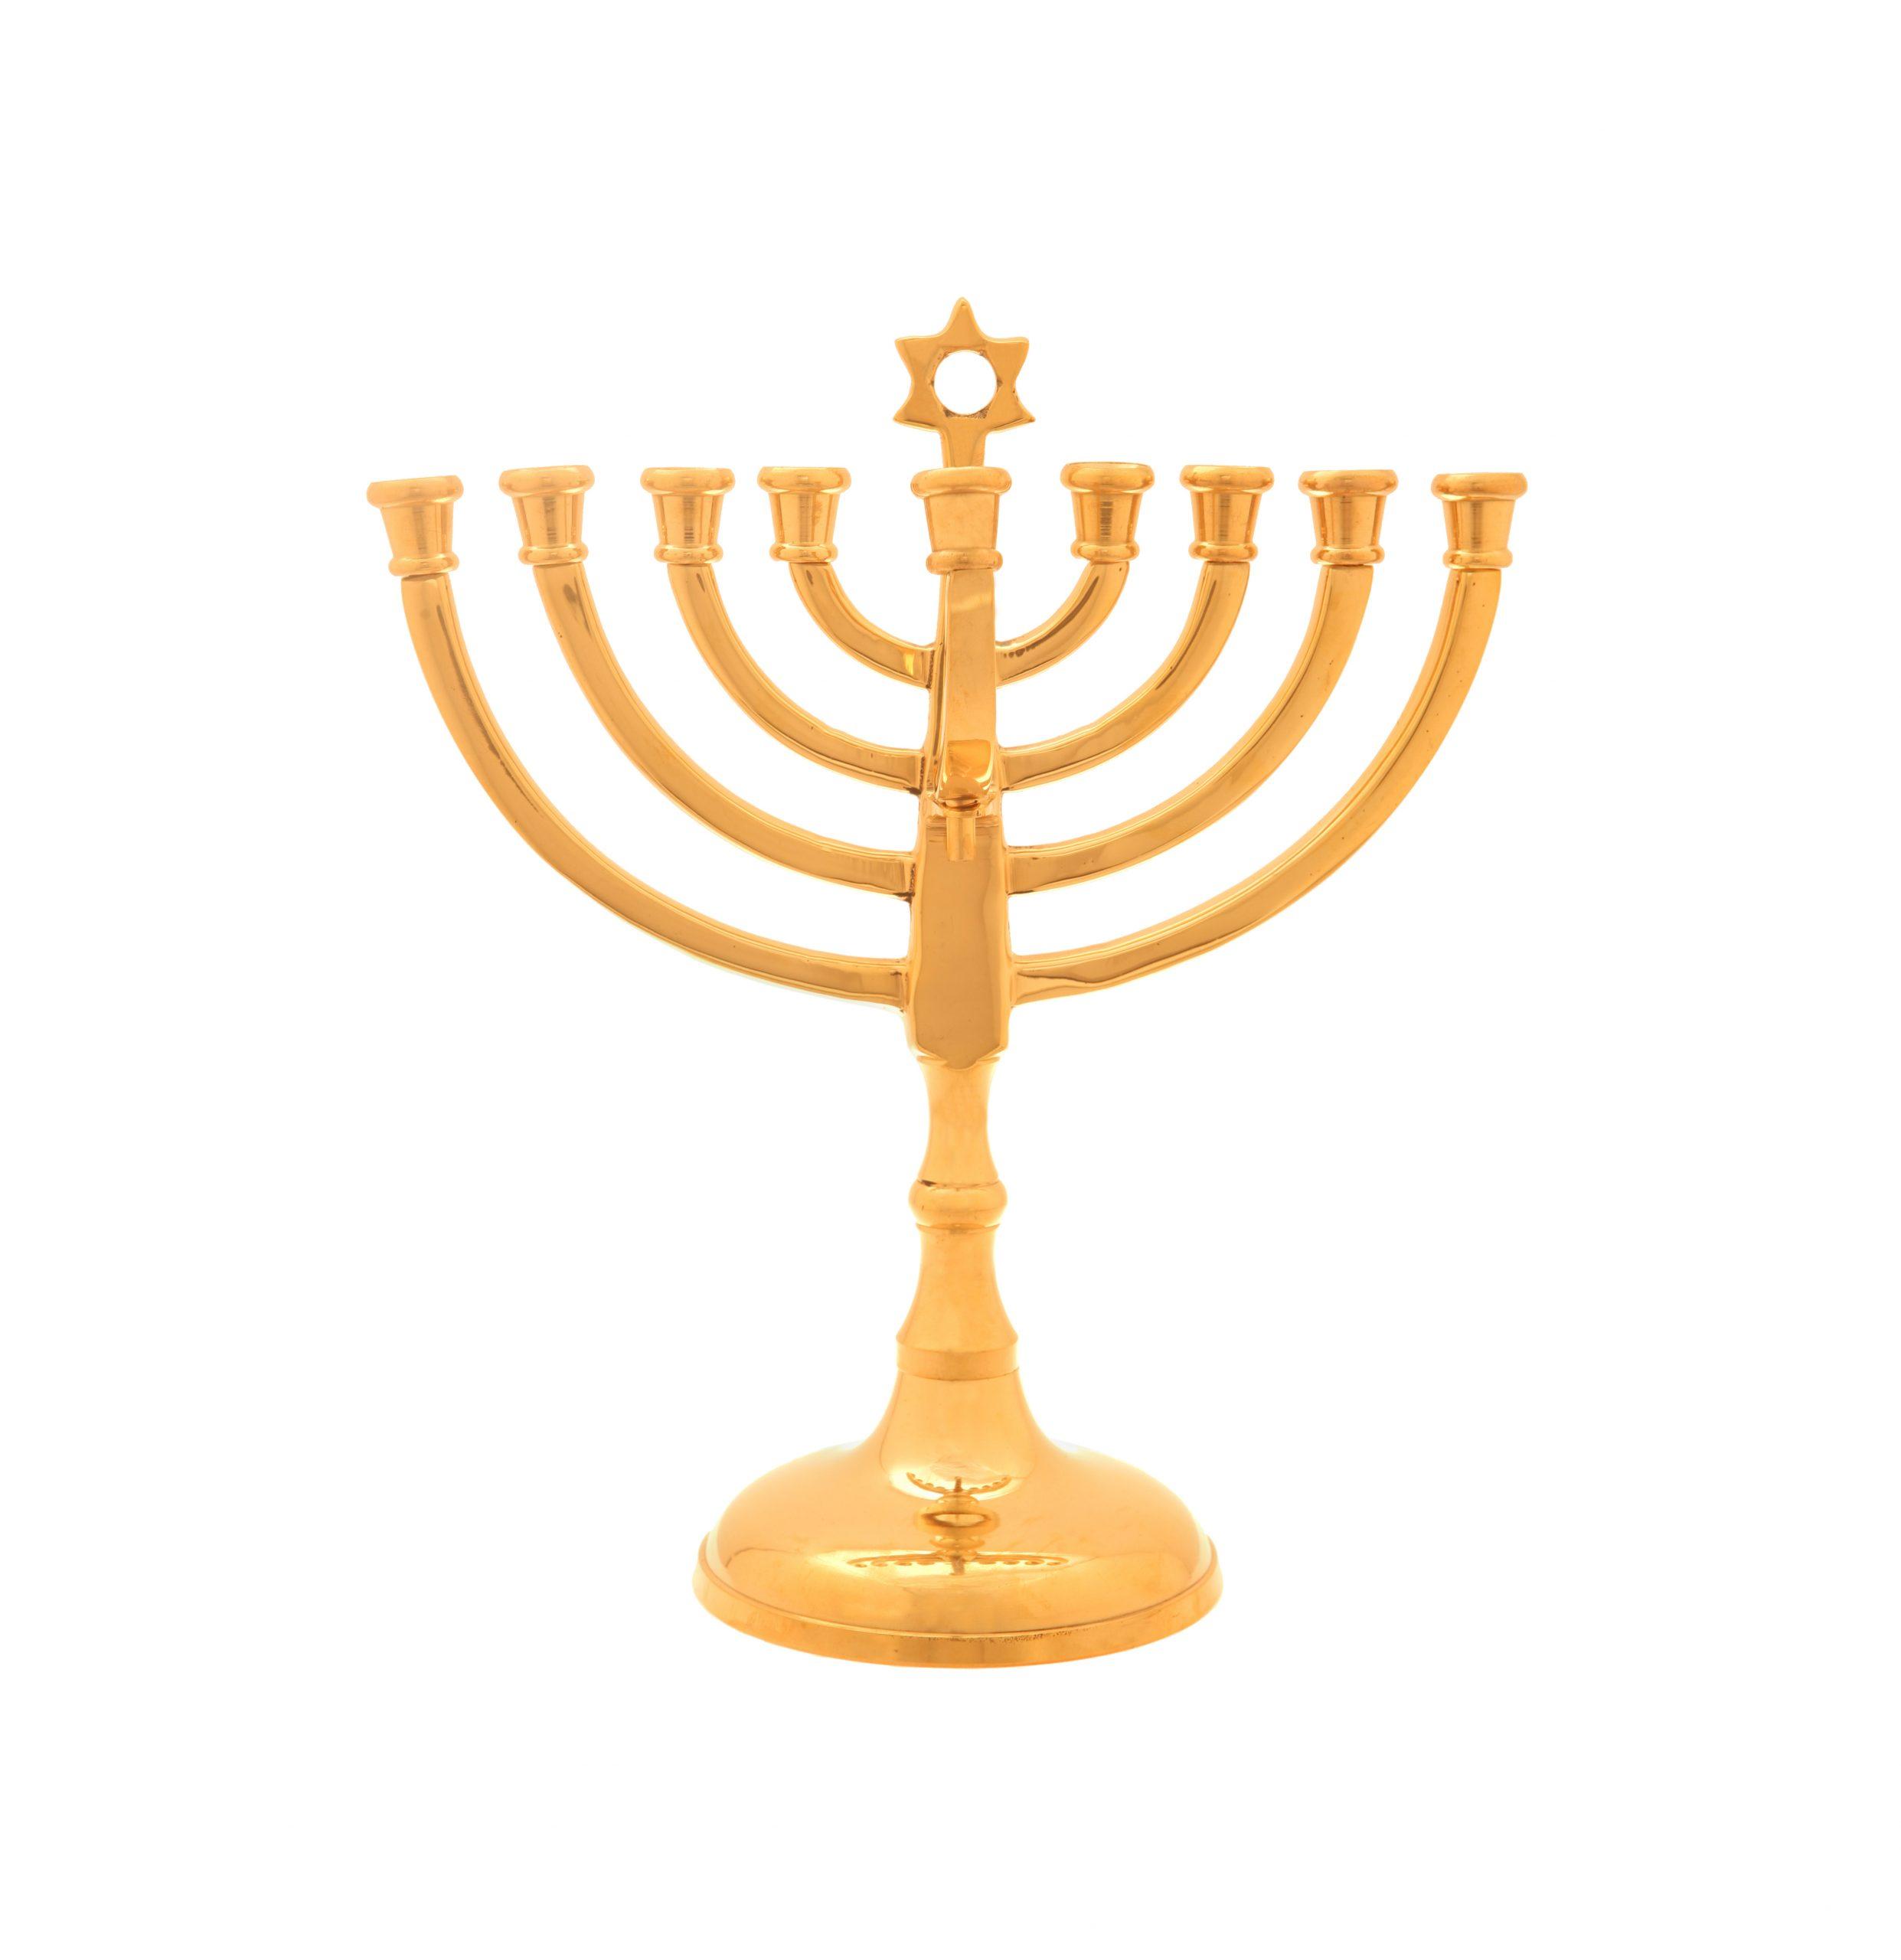 Hanukkah Lamp With A Modern Design (cast Brass)